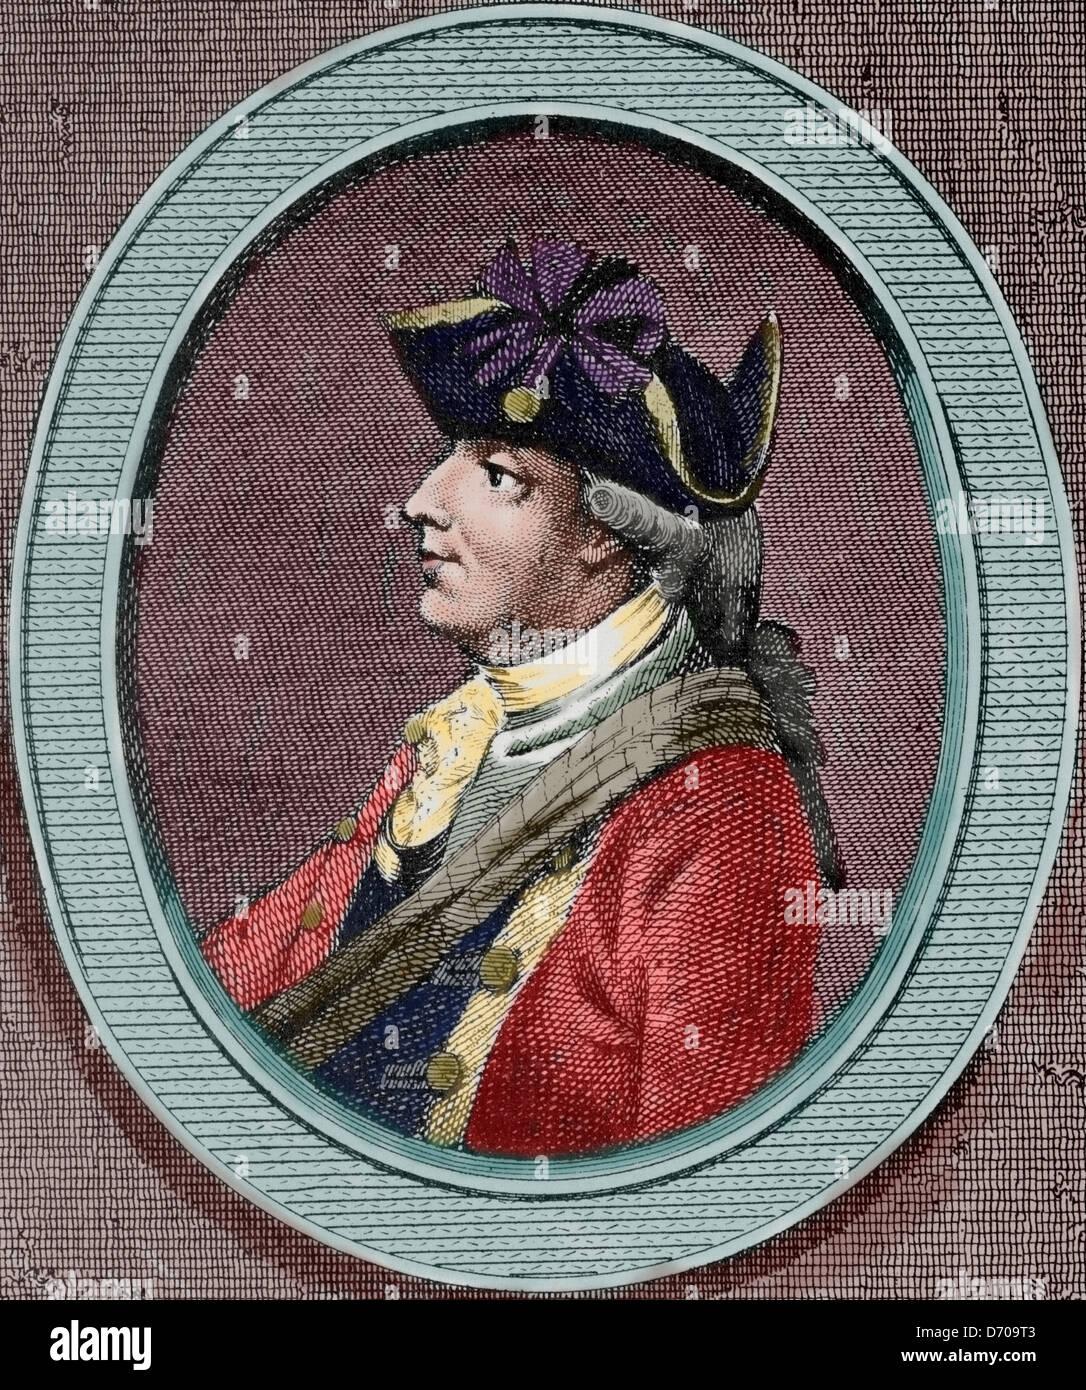 Henry Clinton (1730-1795). Britische Militär und Politiker. Gravur in amerikanische Revolution. Farbige. Stockbild